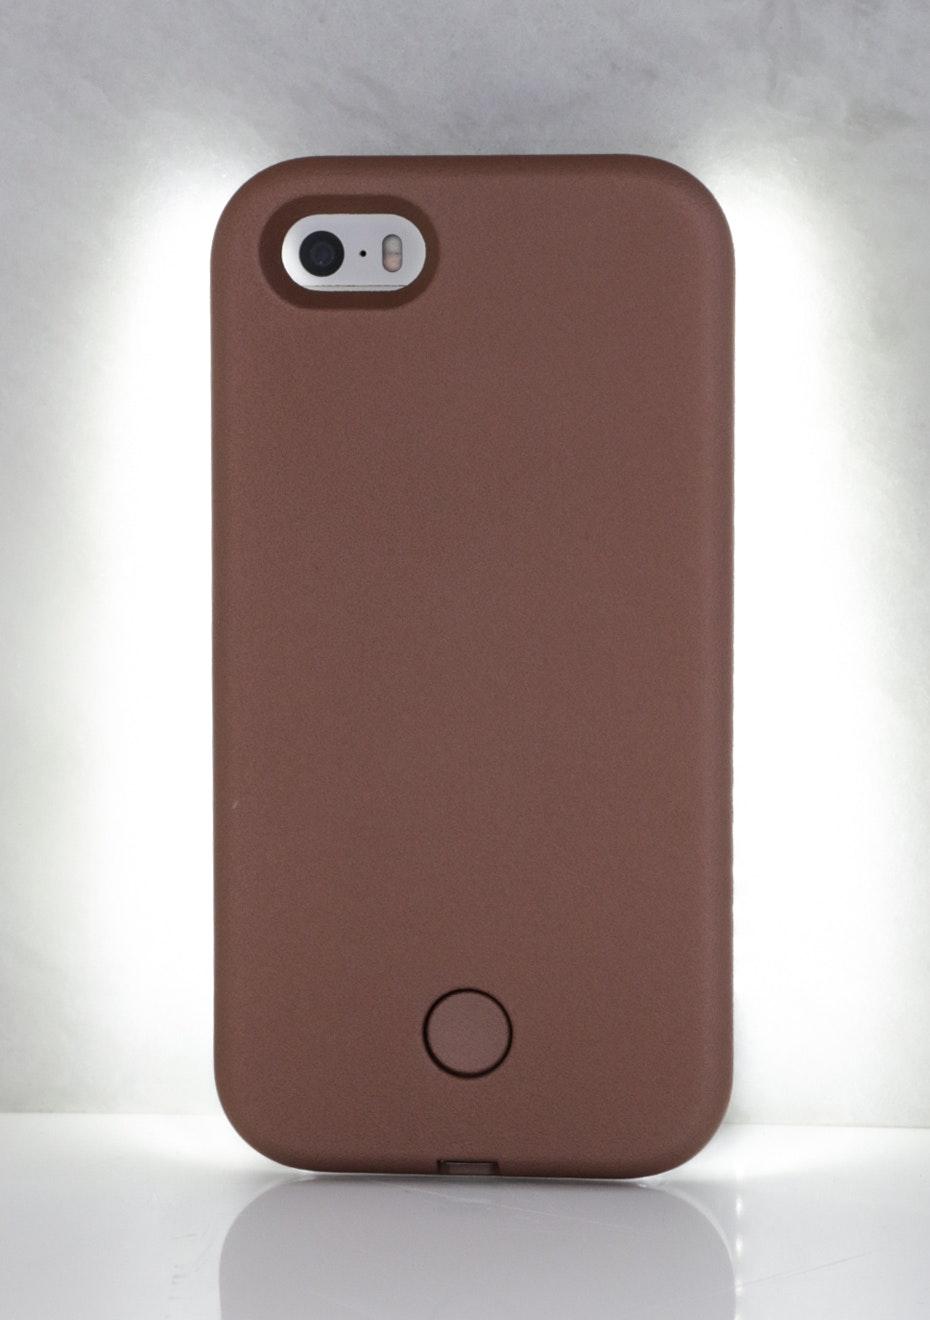 IPHONE 6 LIGHT CASE - Metallic Nude